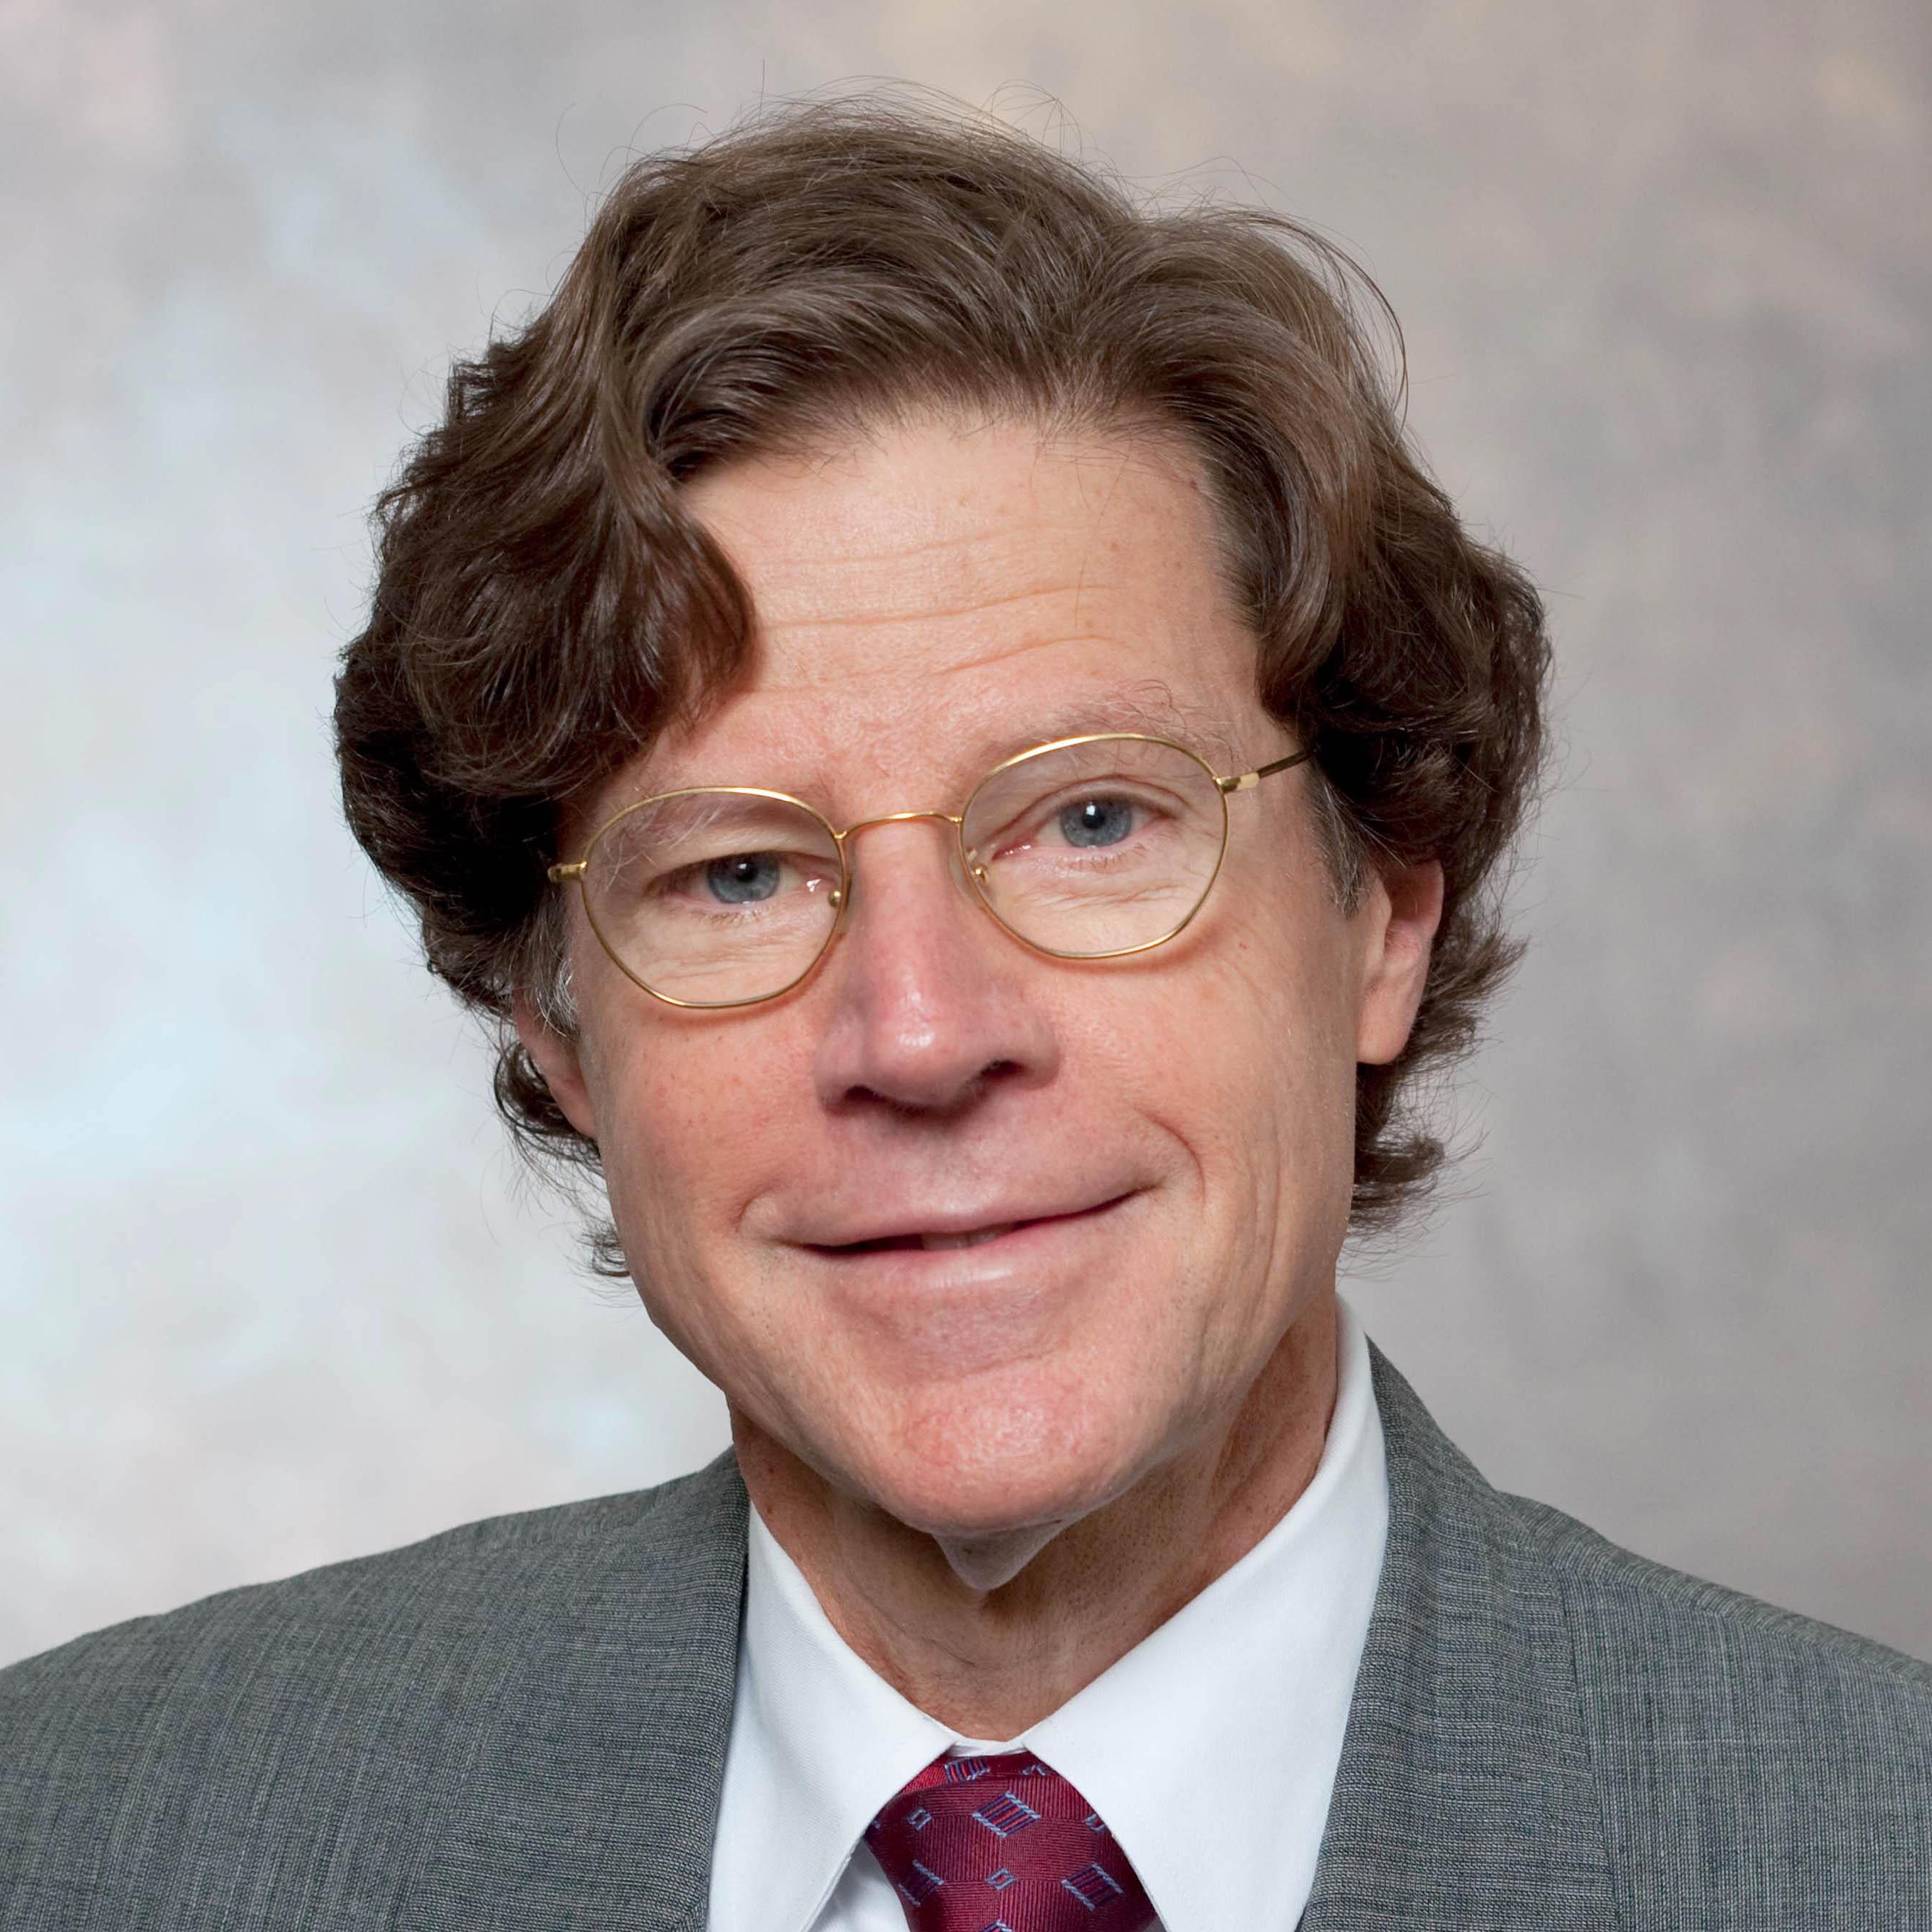 Richard Schottenfeld